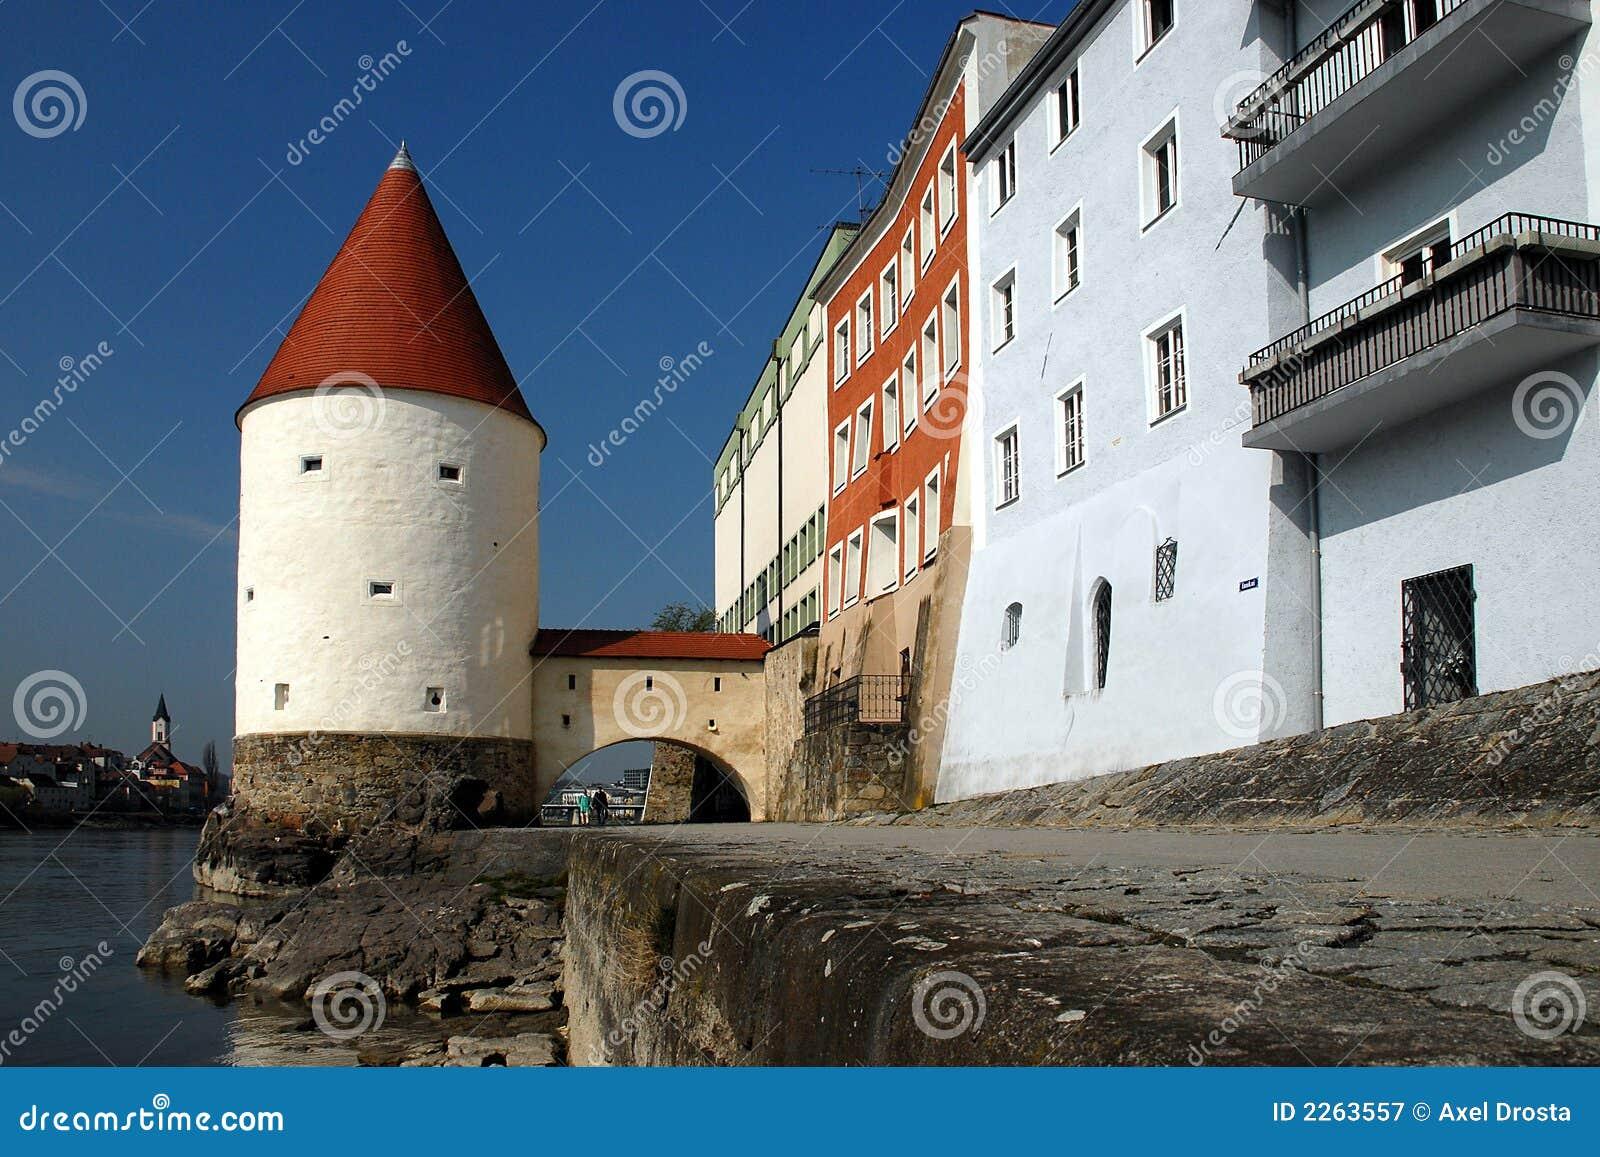 Passau Promenade Bavaria